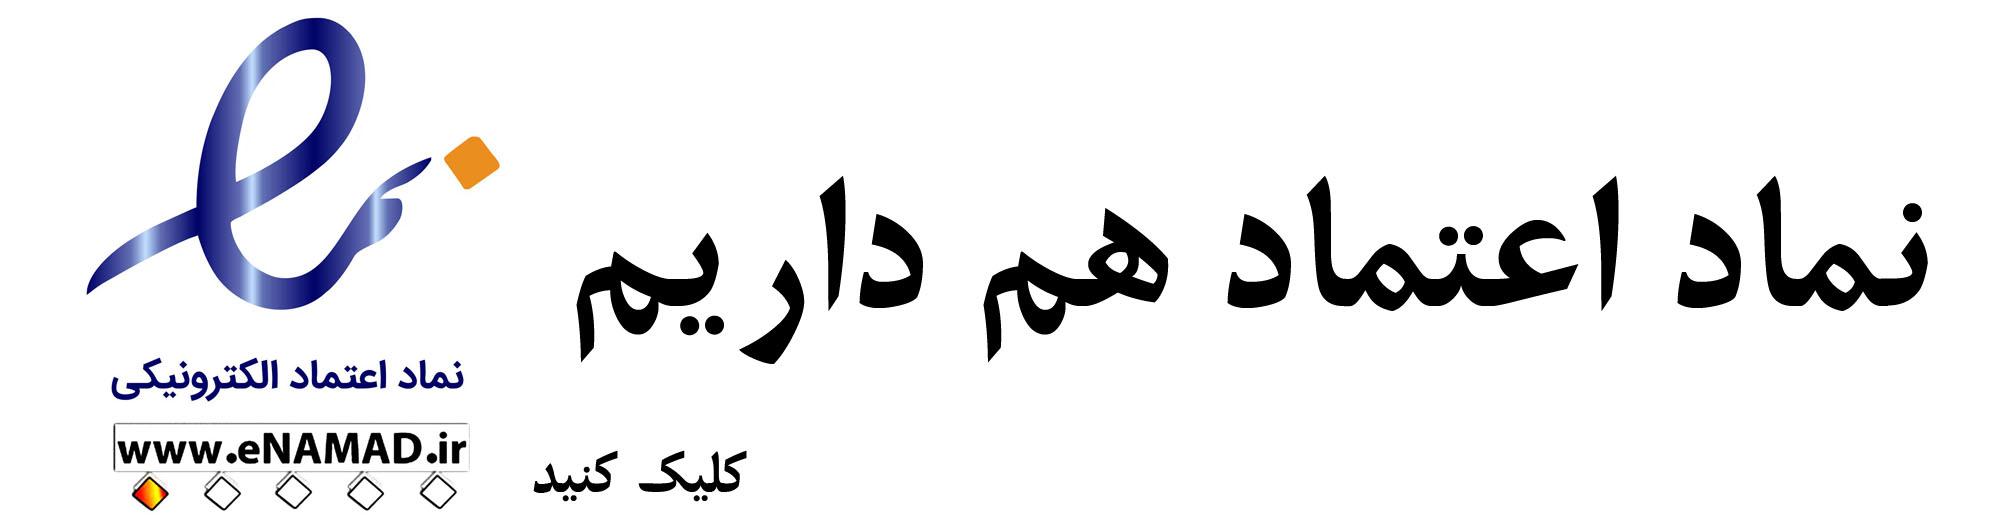 نماد اعتماد